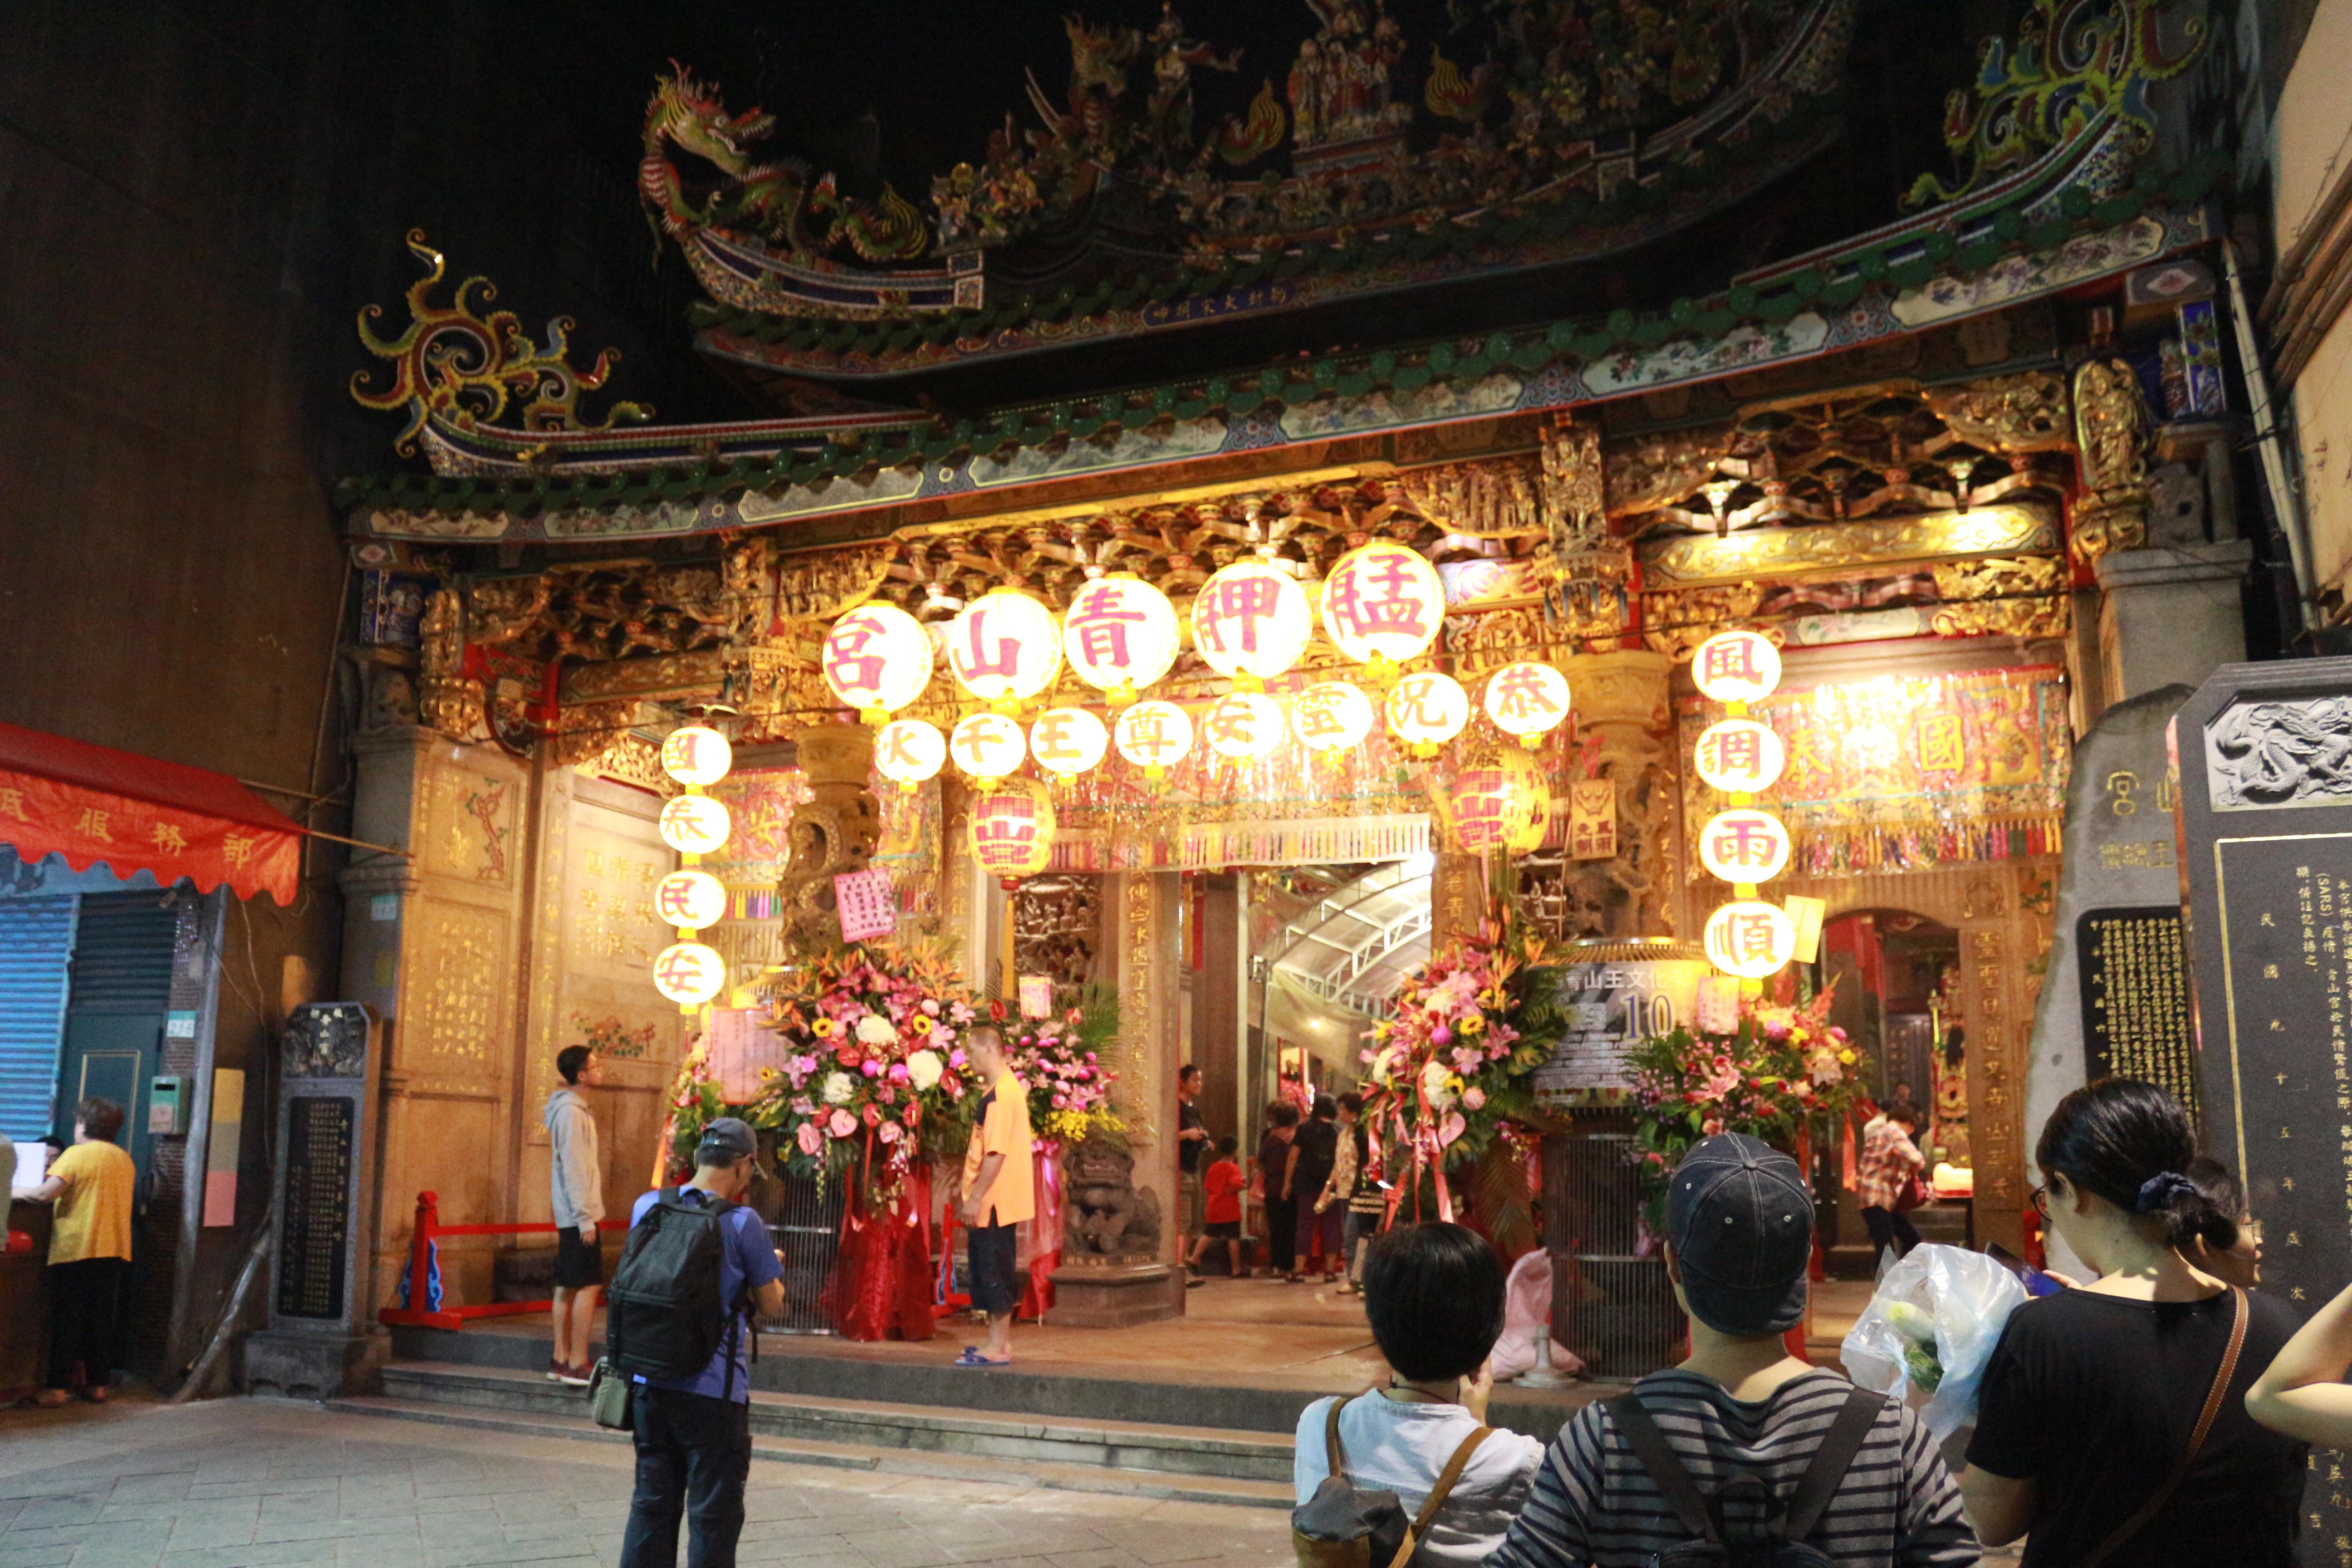 青山宮已有160餘年的歷史,迄今仍香火鼎盛保有其不可被取代的地位。攝影/莊立誠